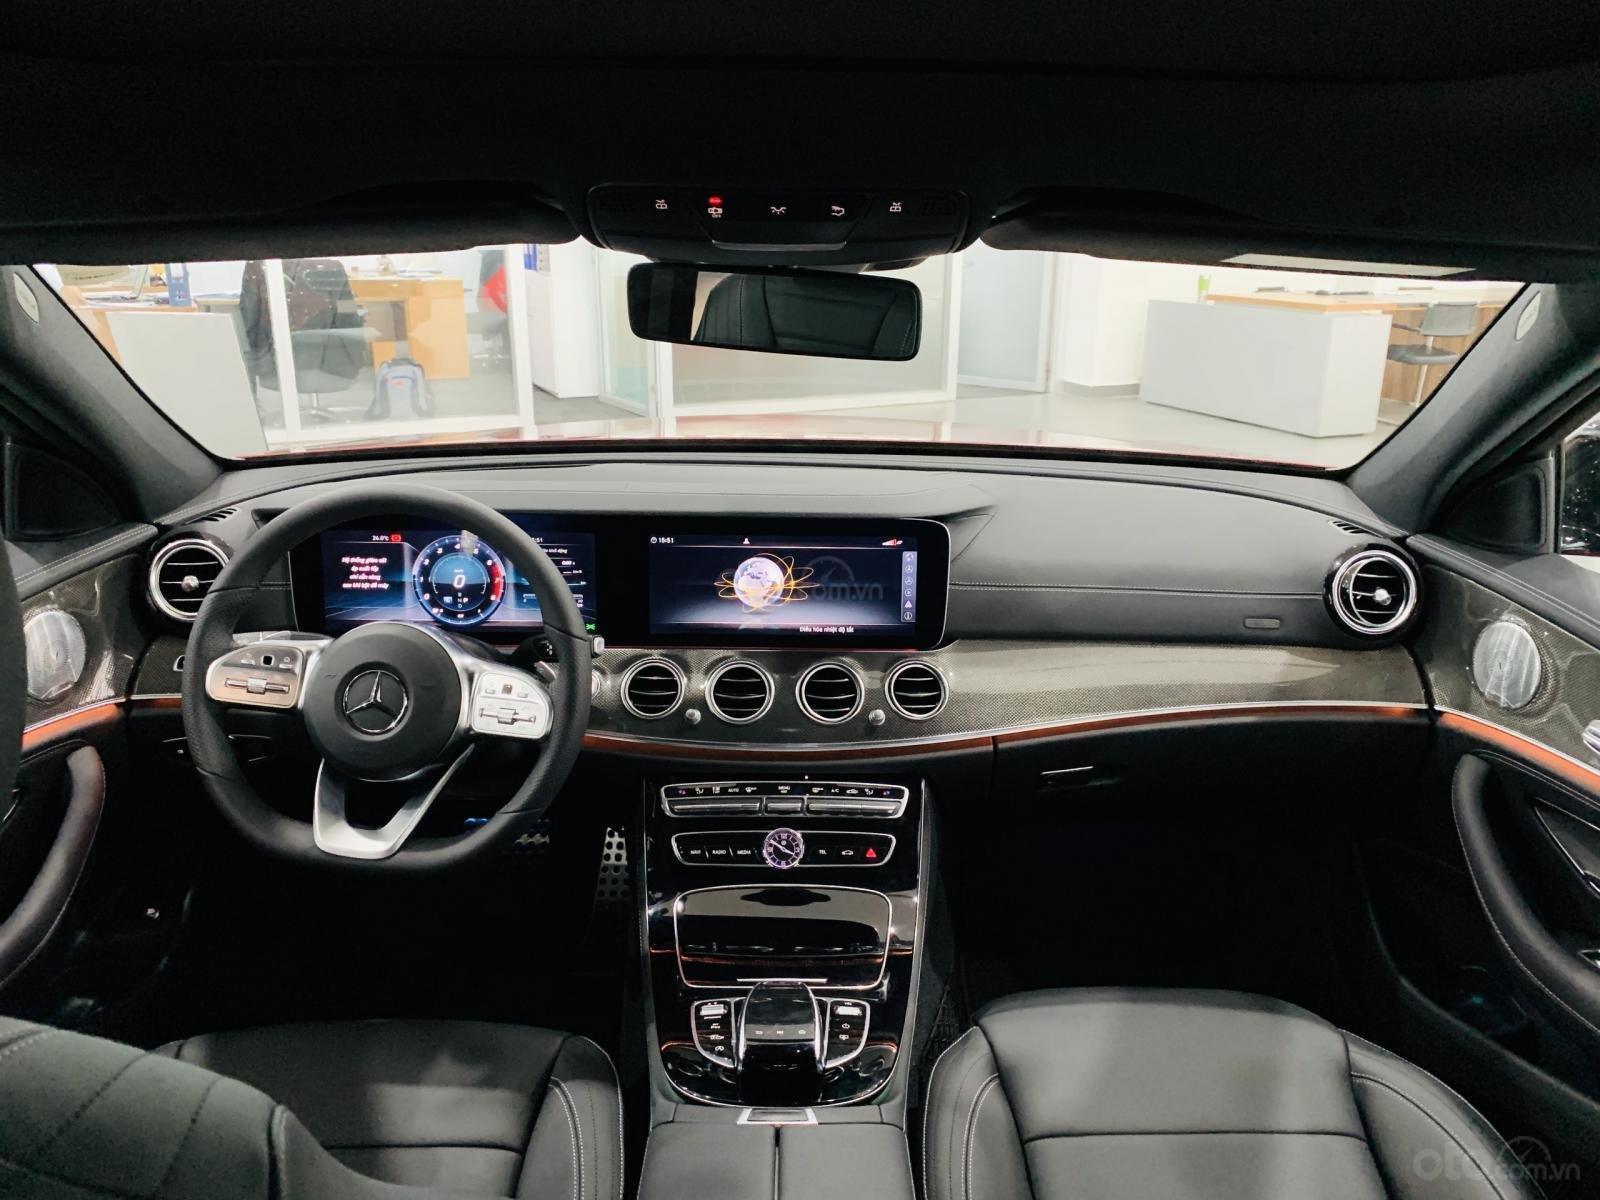 Bán Mercedes-Benz E300 AMG NEW- Hỗ trợ 100% TTB + hỗ trợ Bank 80%, trả trước 799 triệu nhận xe  (10)